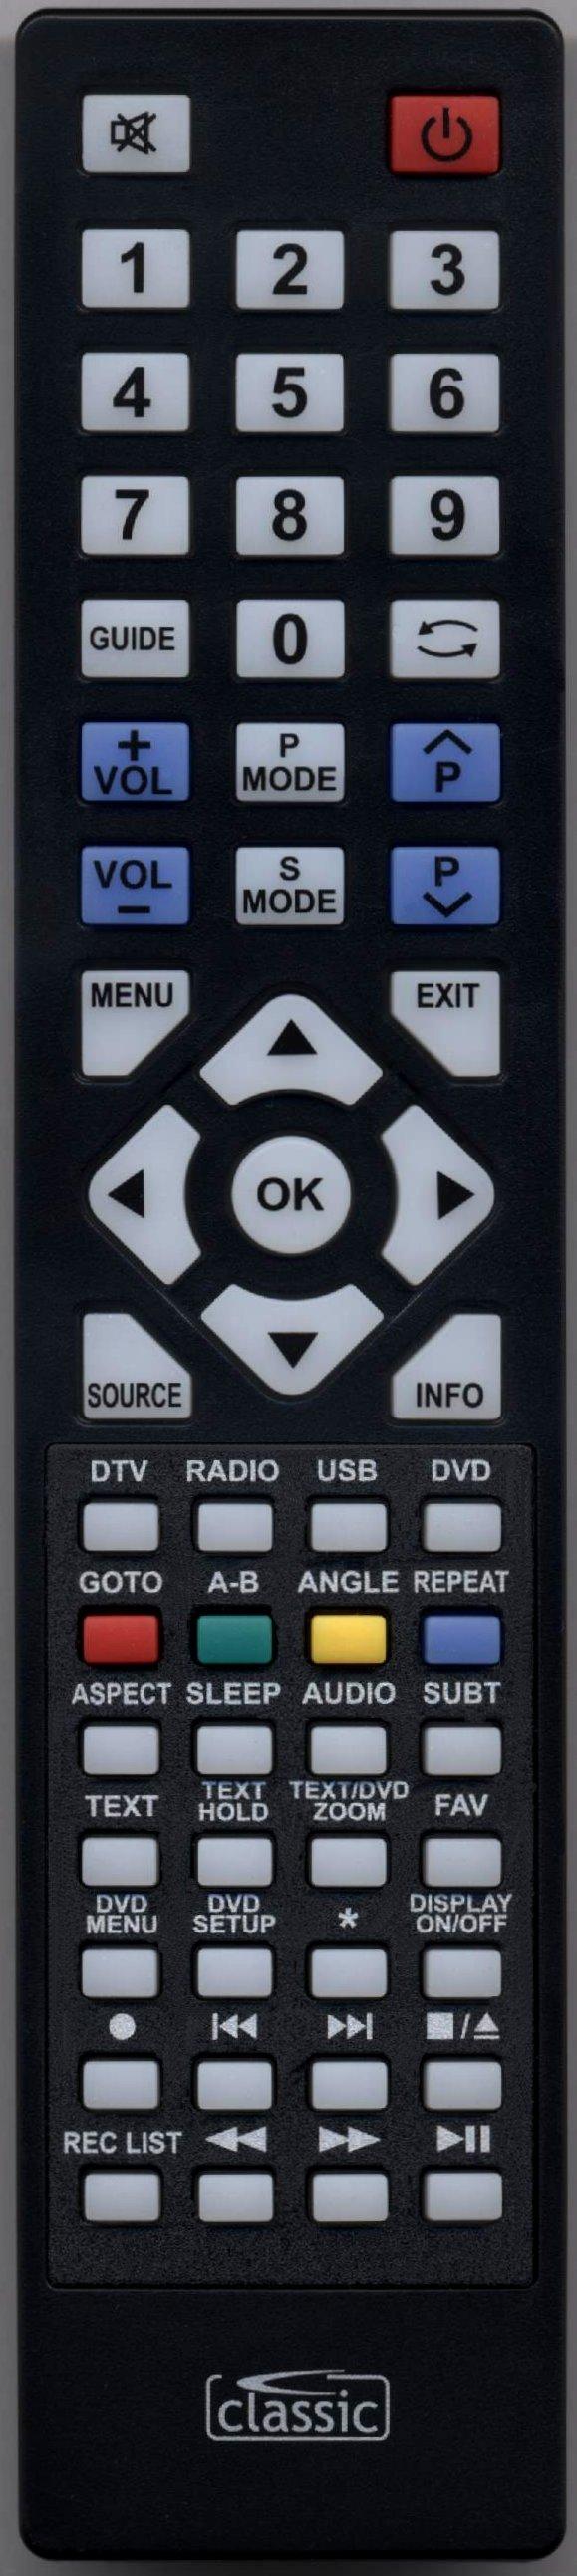 BLAUPUNKT 236/207I-GB-3B-HKDUP-UK Remote Control